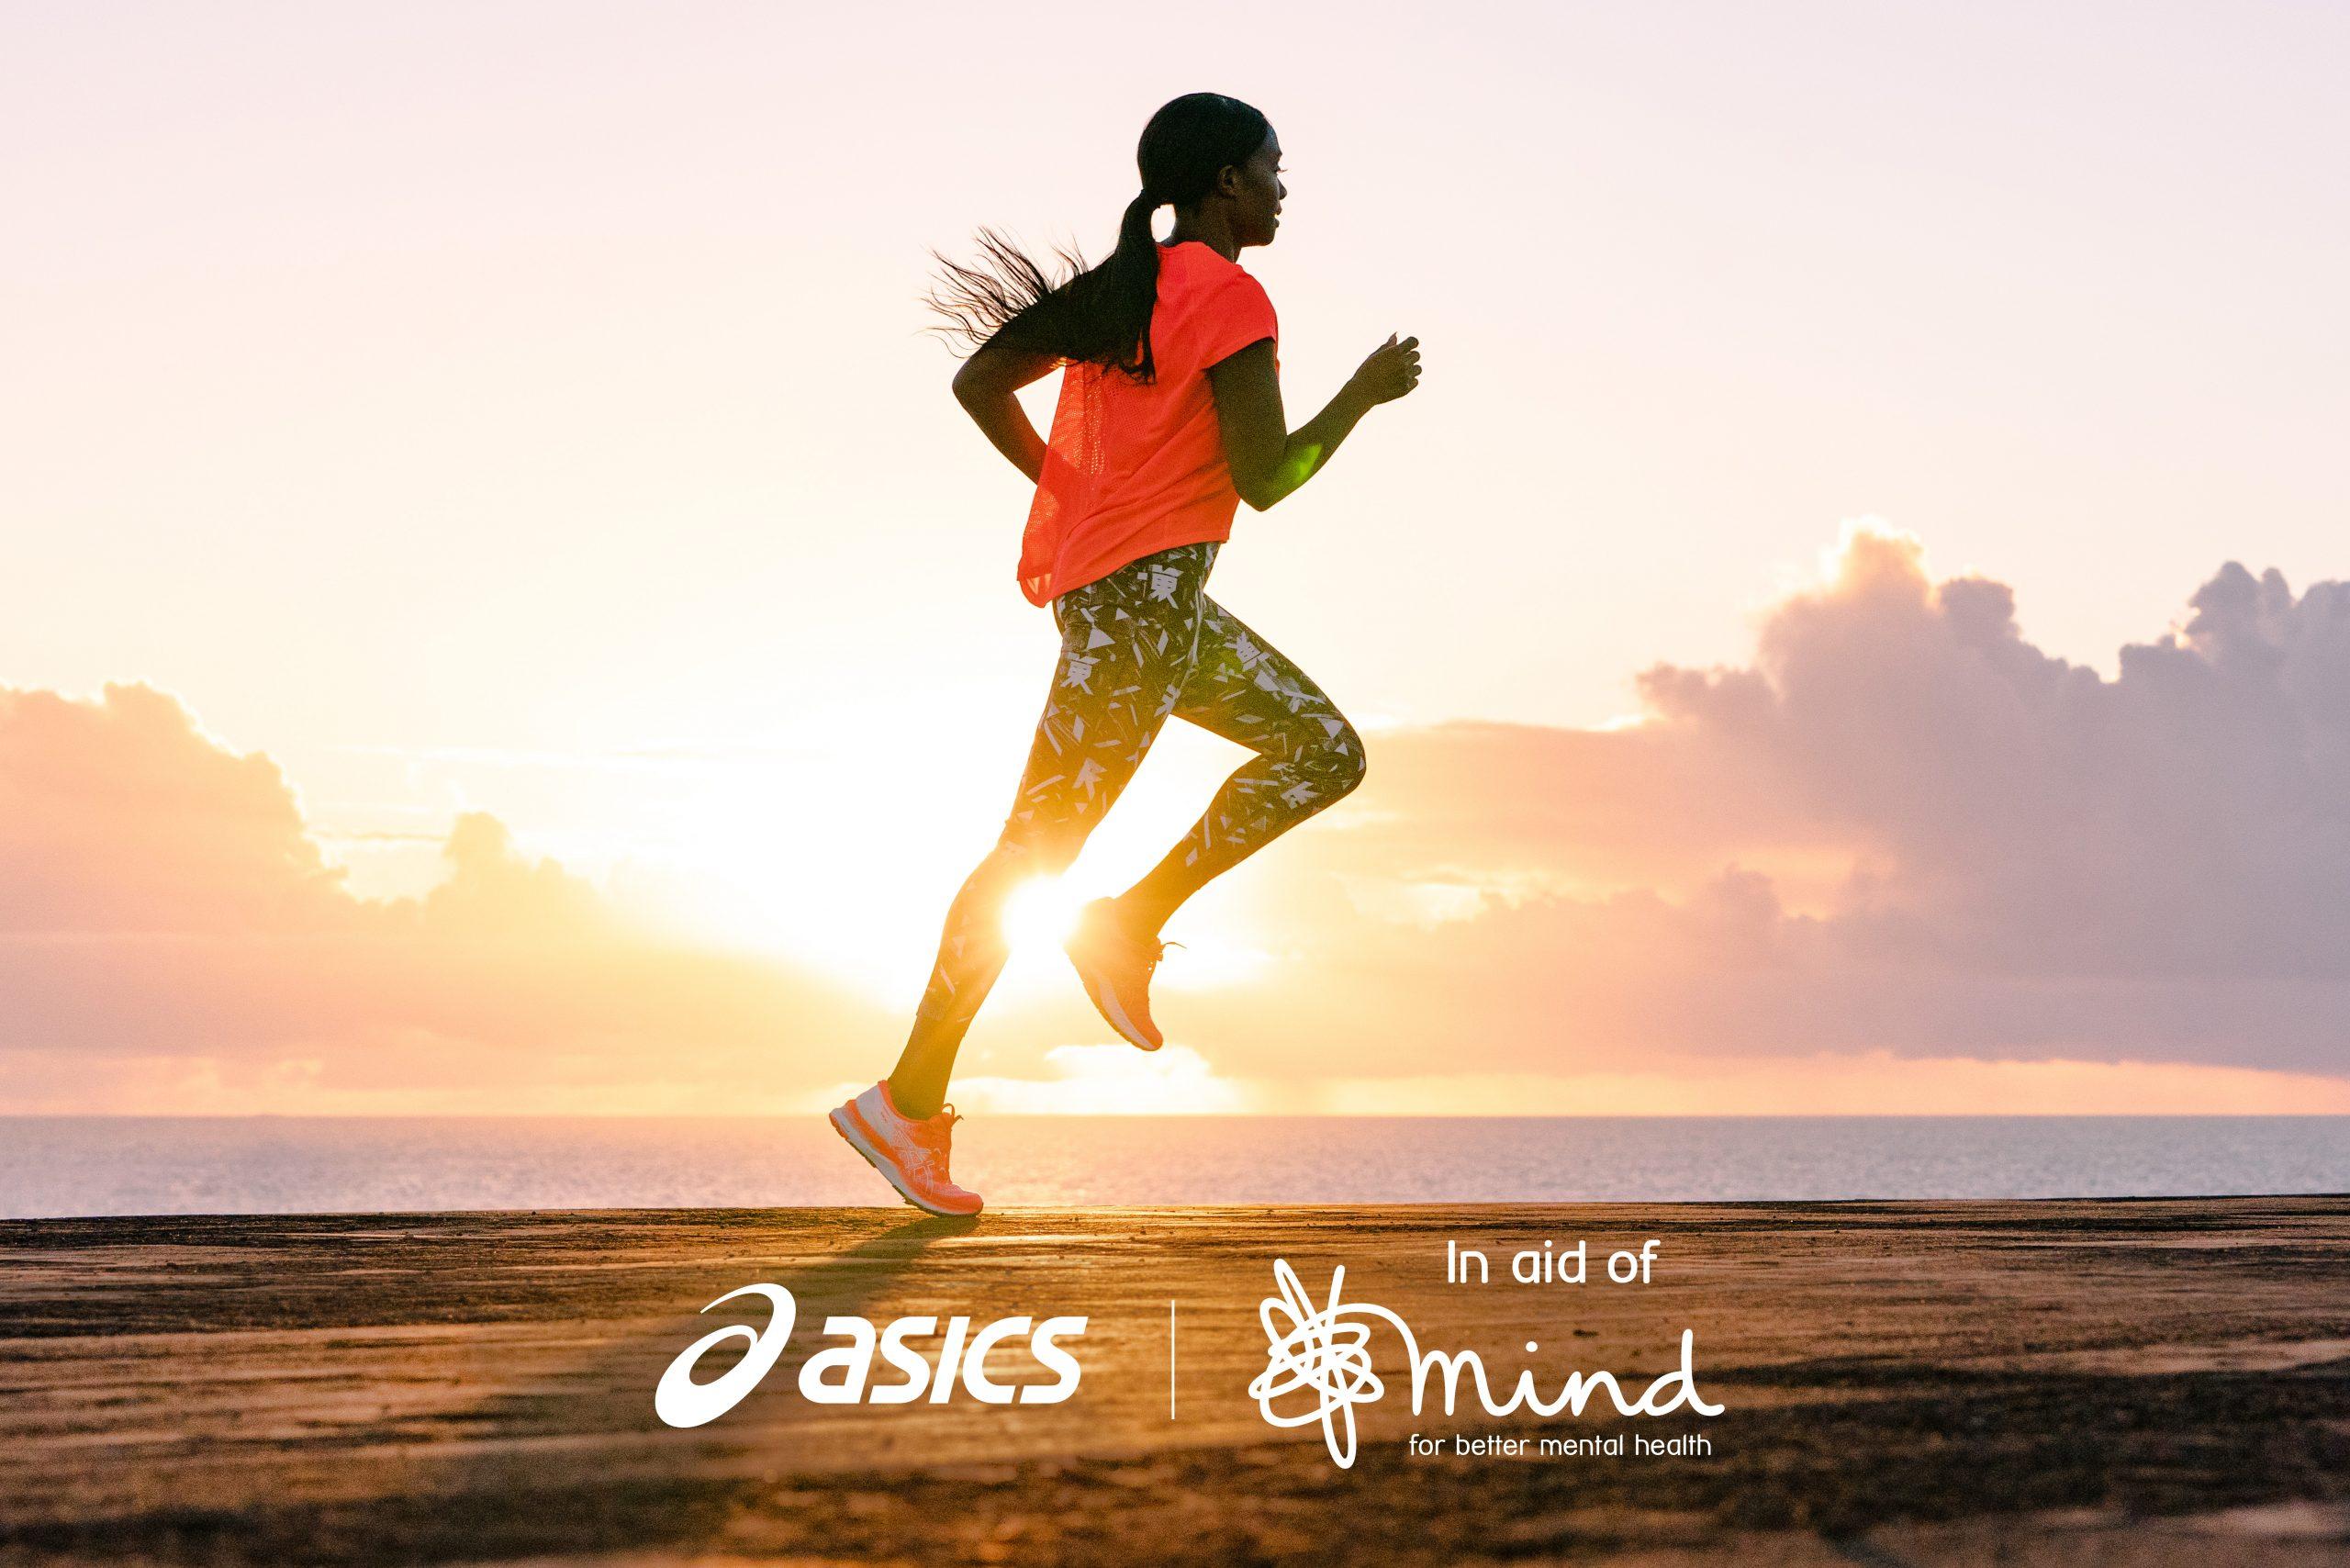 Die Welt durch Sport verbessern. Asics bekennt sich zu seinen Wurzeln.